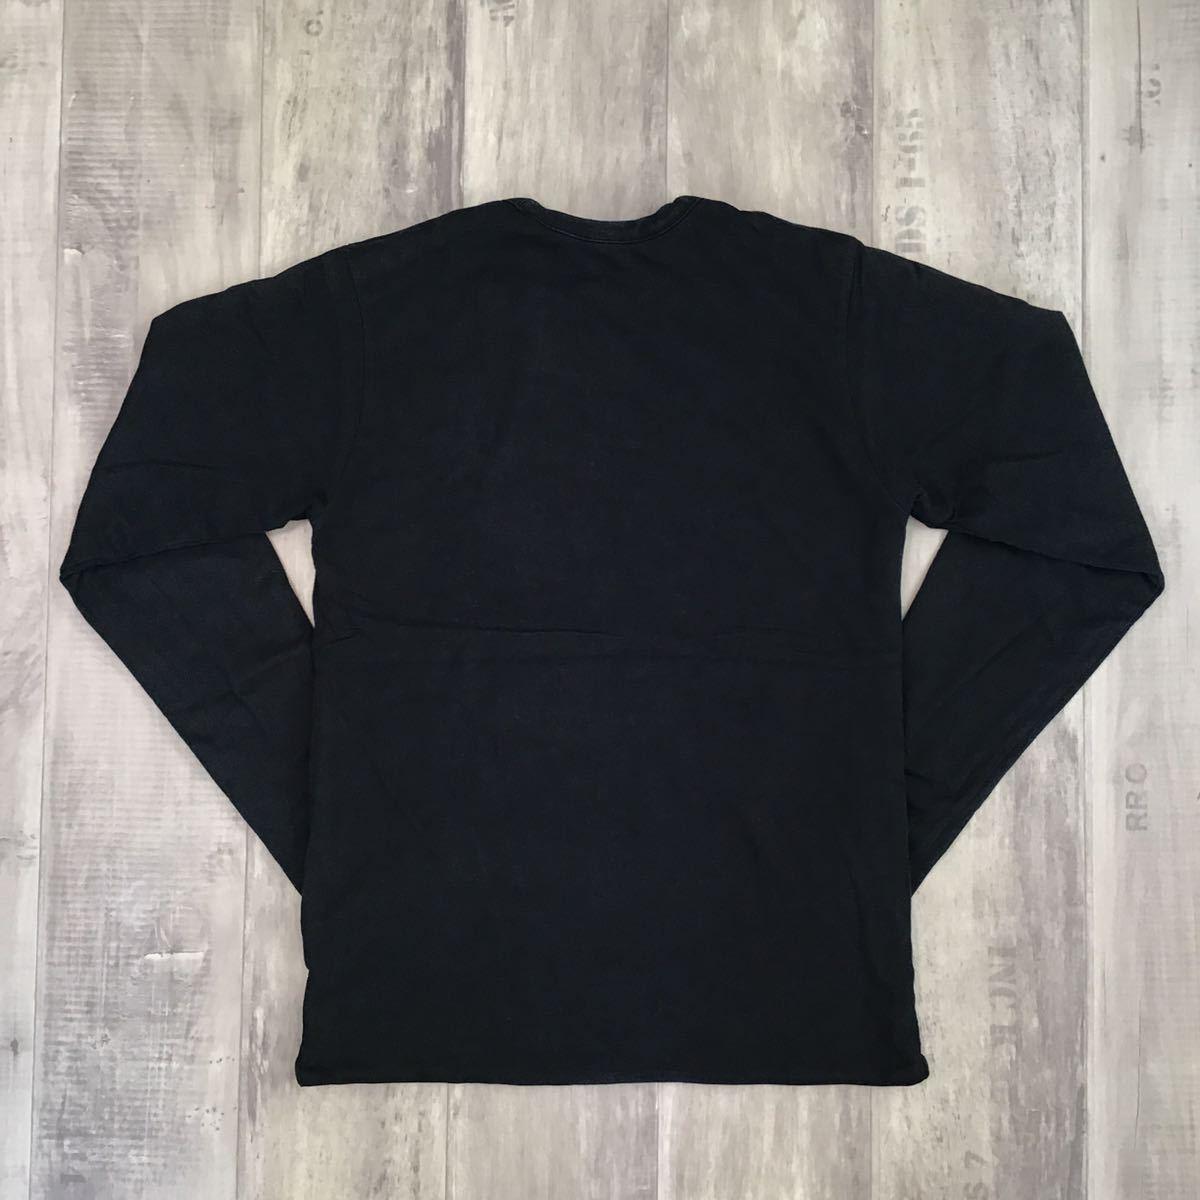 ★リバーシブル★ kaws bendy 1st camo 長袖 Tシャツ Sサイズ a bathing ape bape カウズ エイプ ベイプ アベイシングエイプ